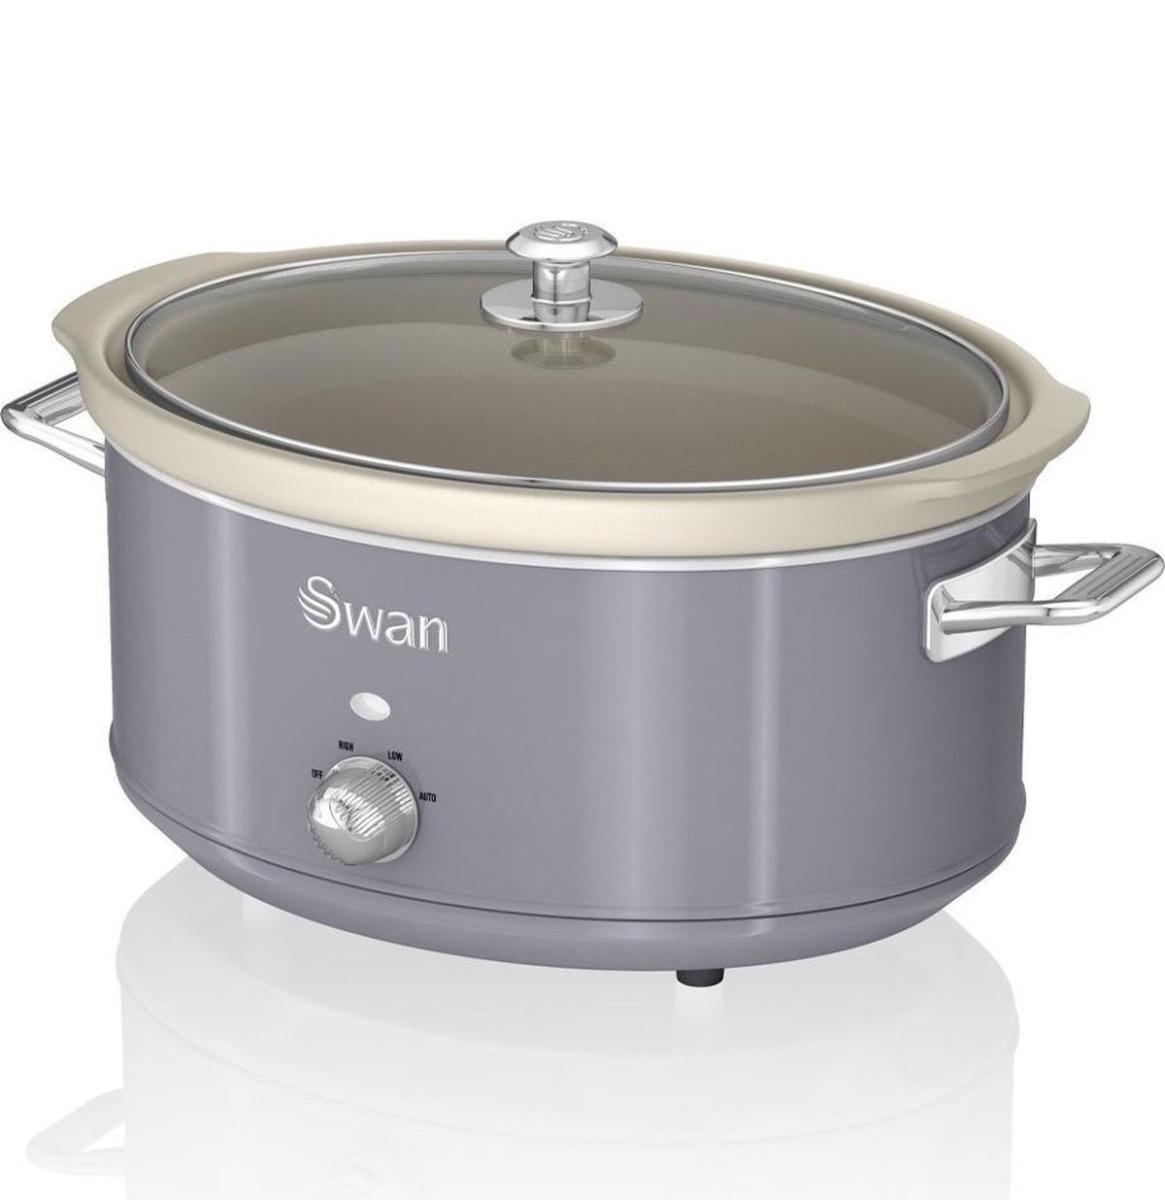 Swan Retro Slow Cooker - 6.5 Liter - Grijs